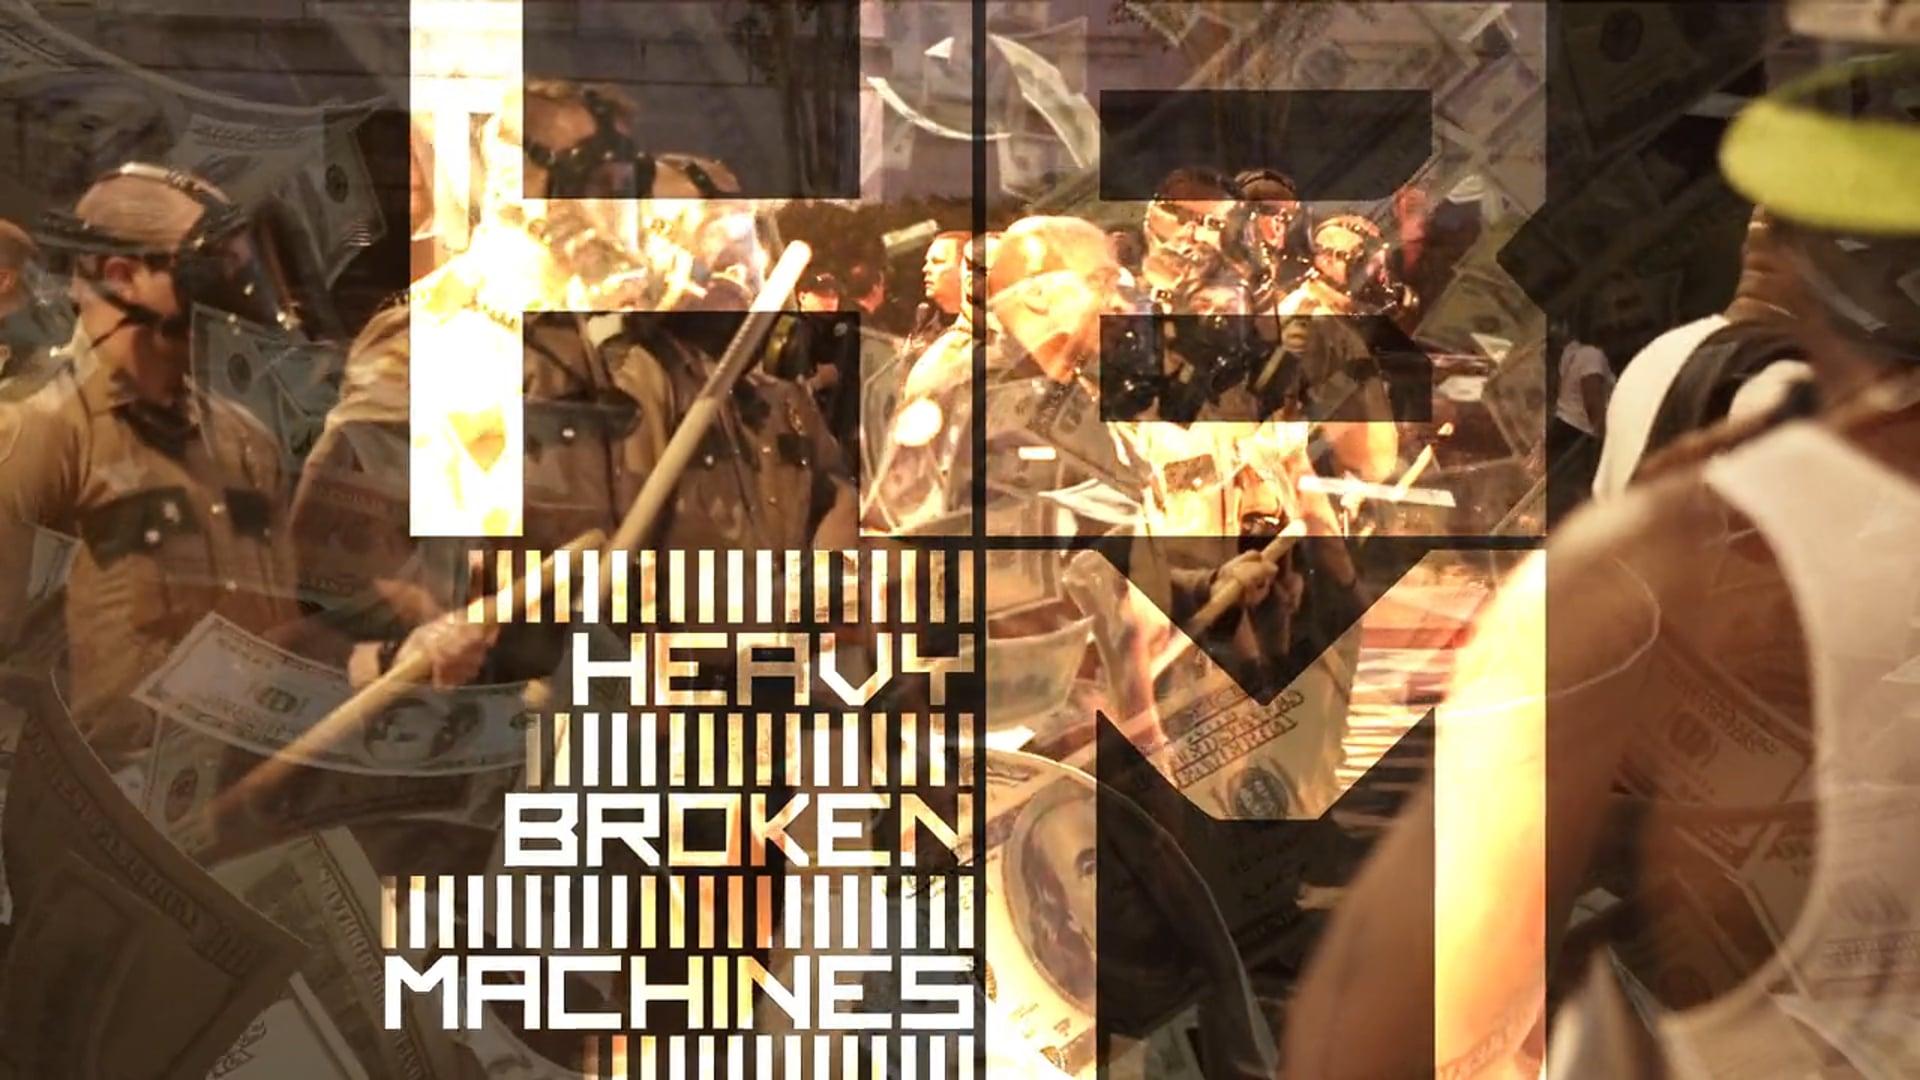 Heavy Broken Machines - 'We Are Here' Music Video